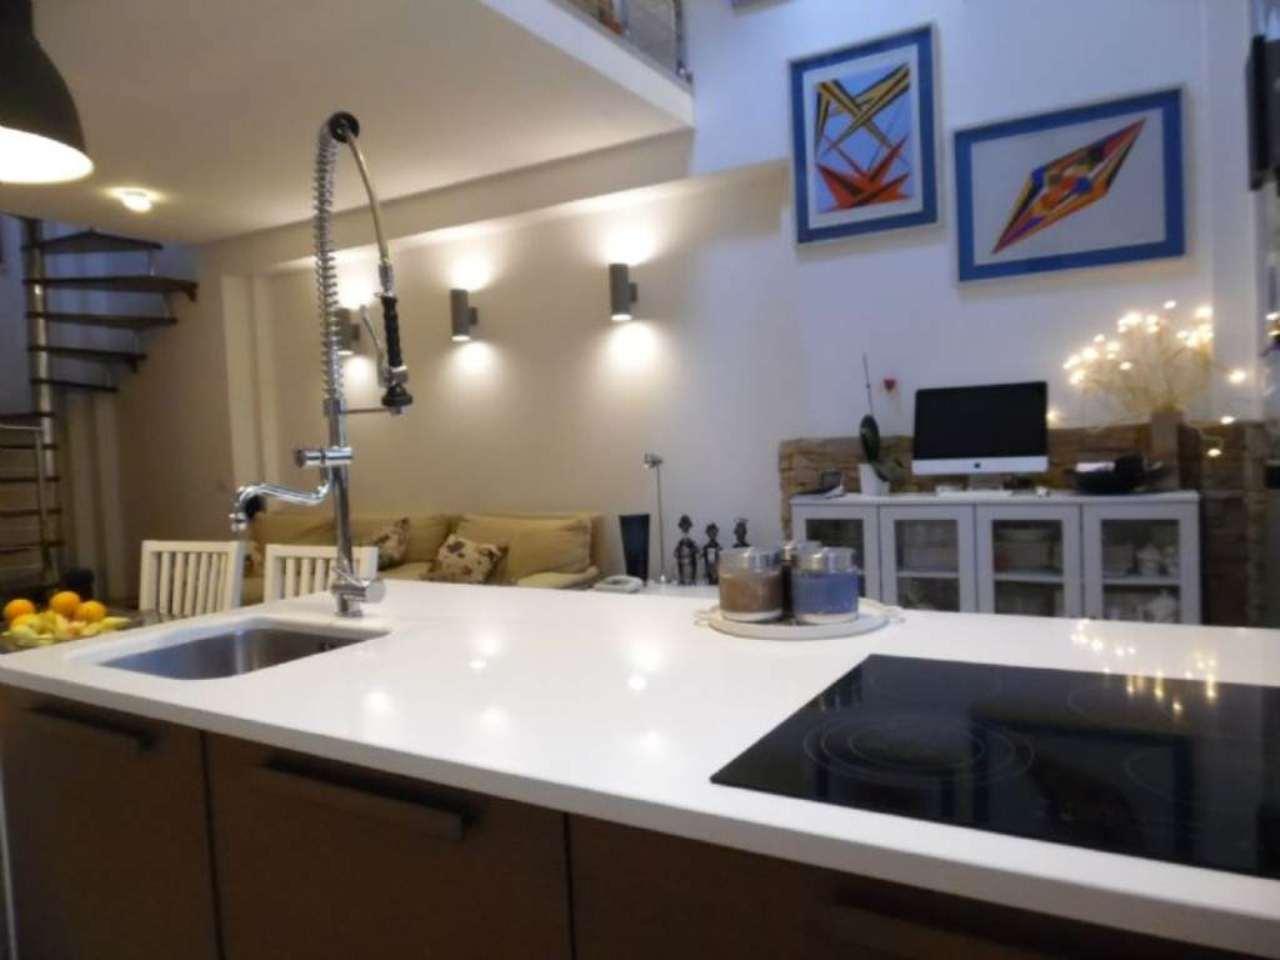 Palazzo / Stabile in vendita a Firenze, 9999 locali, zona Zona: 10 . Leopoldo, Rifredi, prezzo € 275.000 | Cambio Casa.it